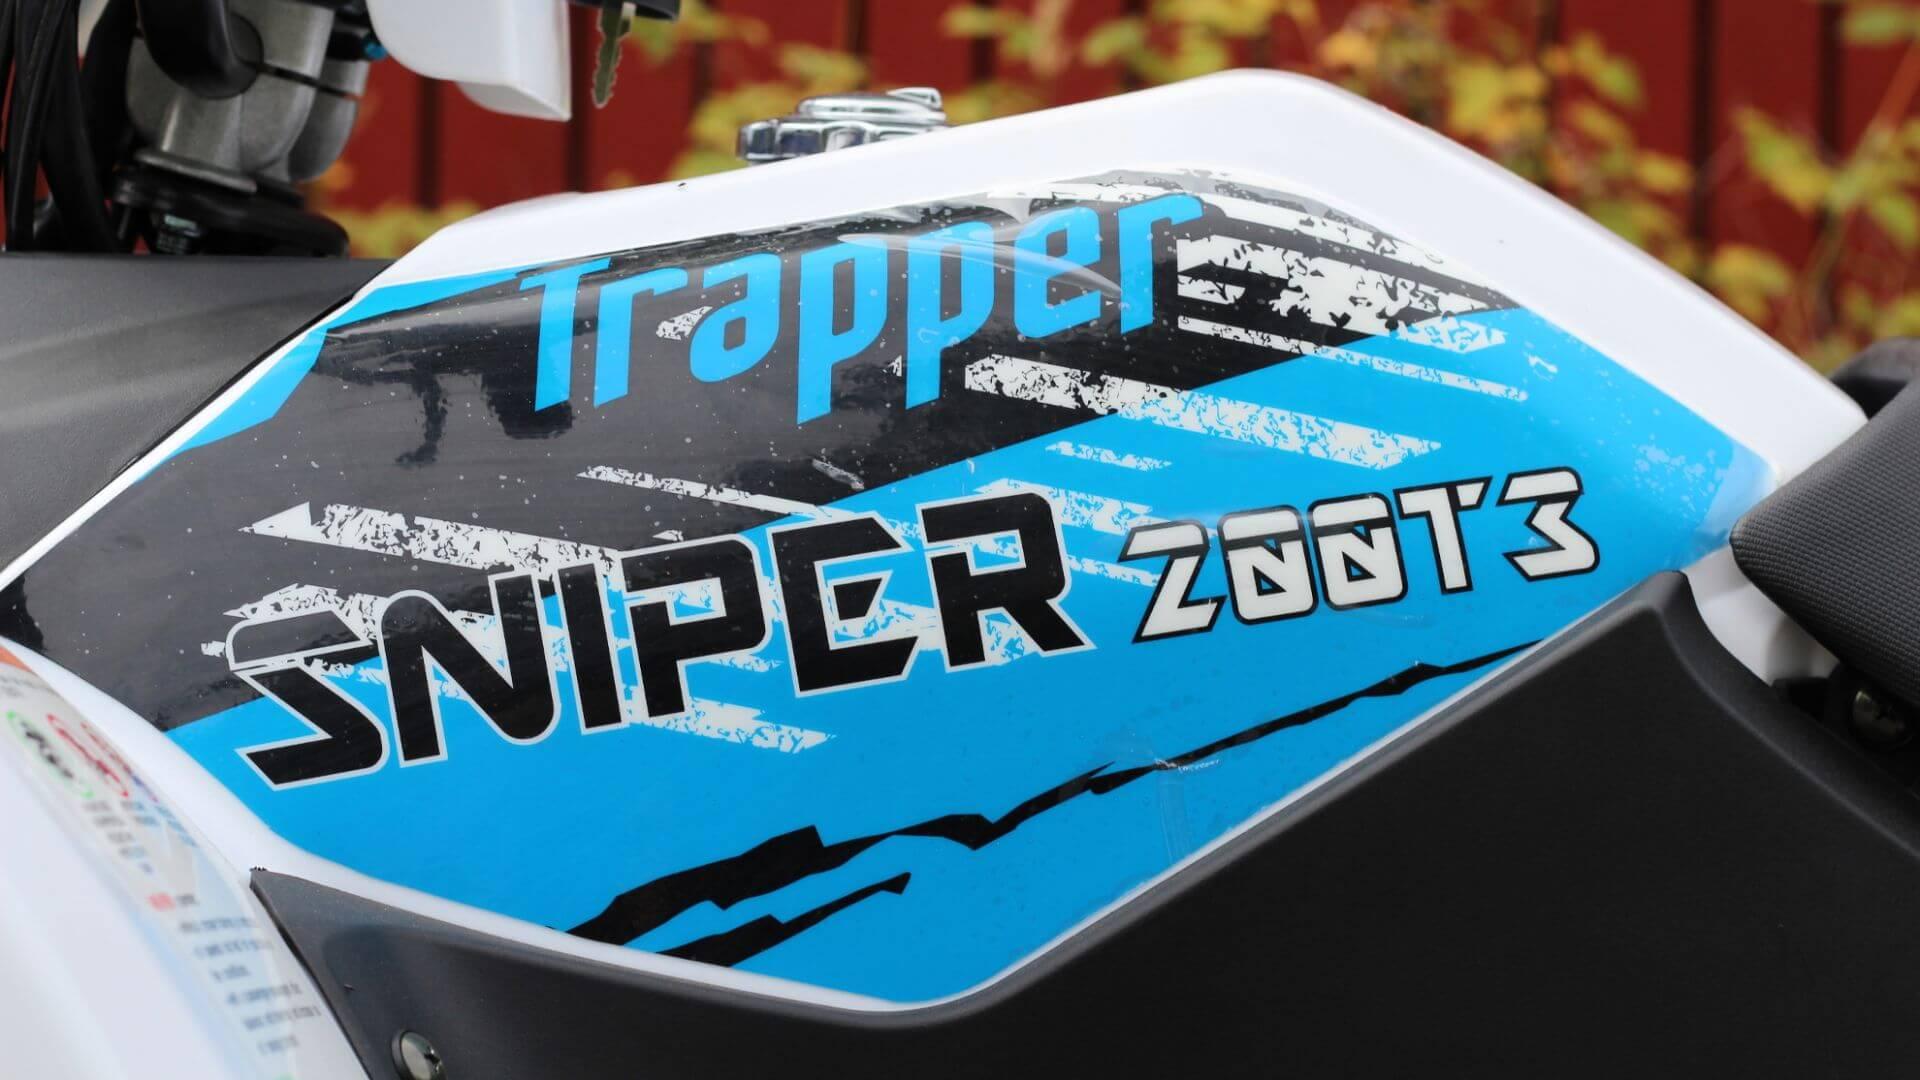 Sniper 200 T3B